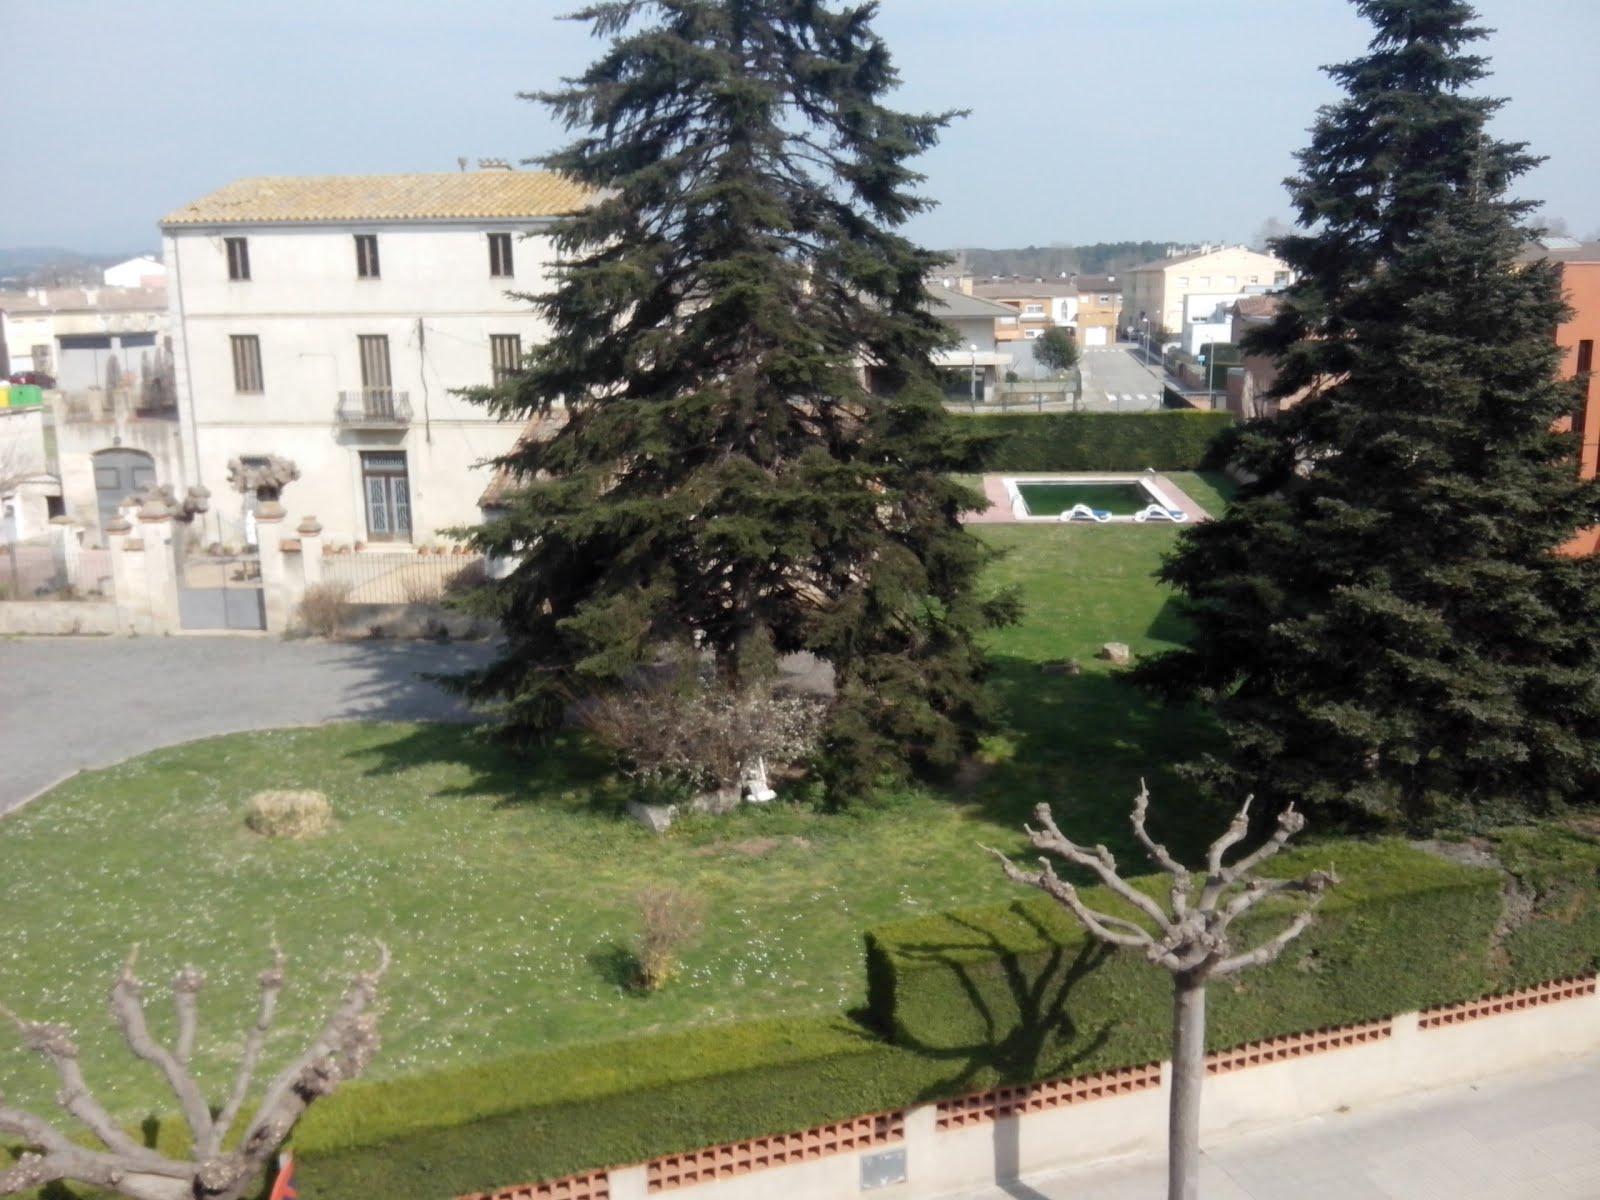 de Vilafranca a Vilobí d' Onyar, pasant per Vilajuïga i la Rochelle.